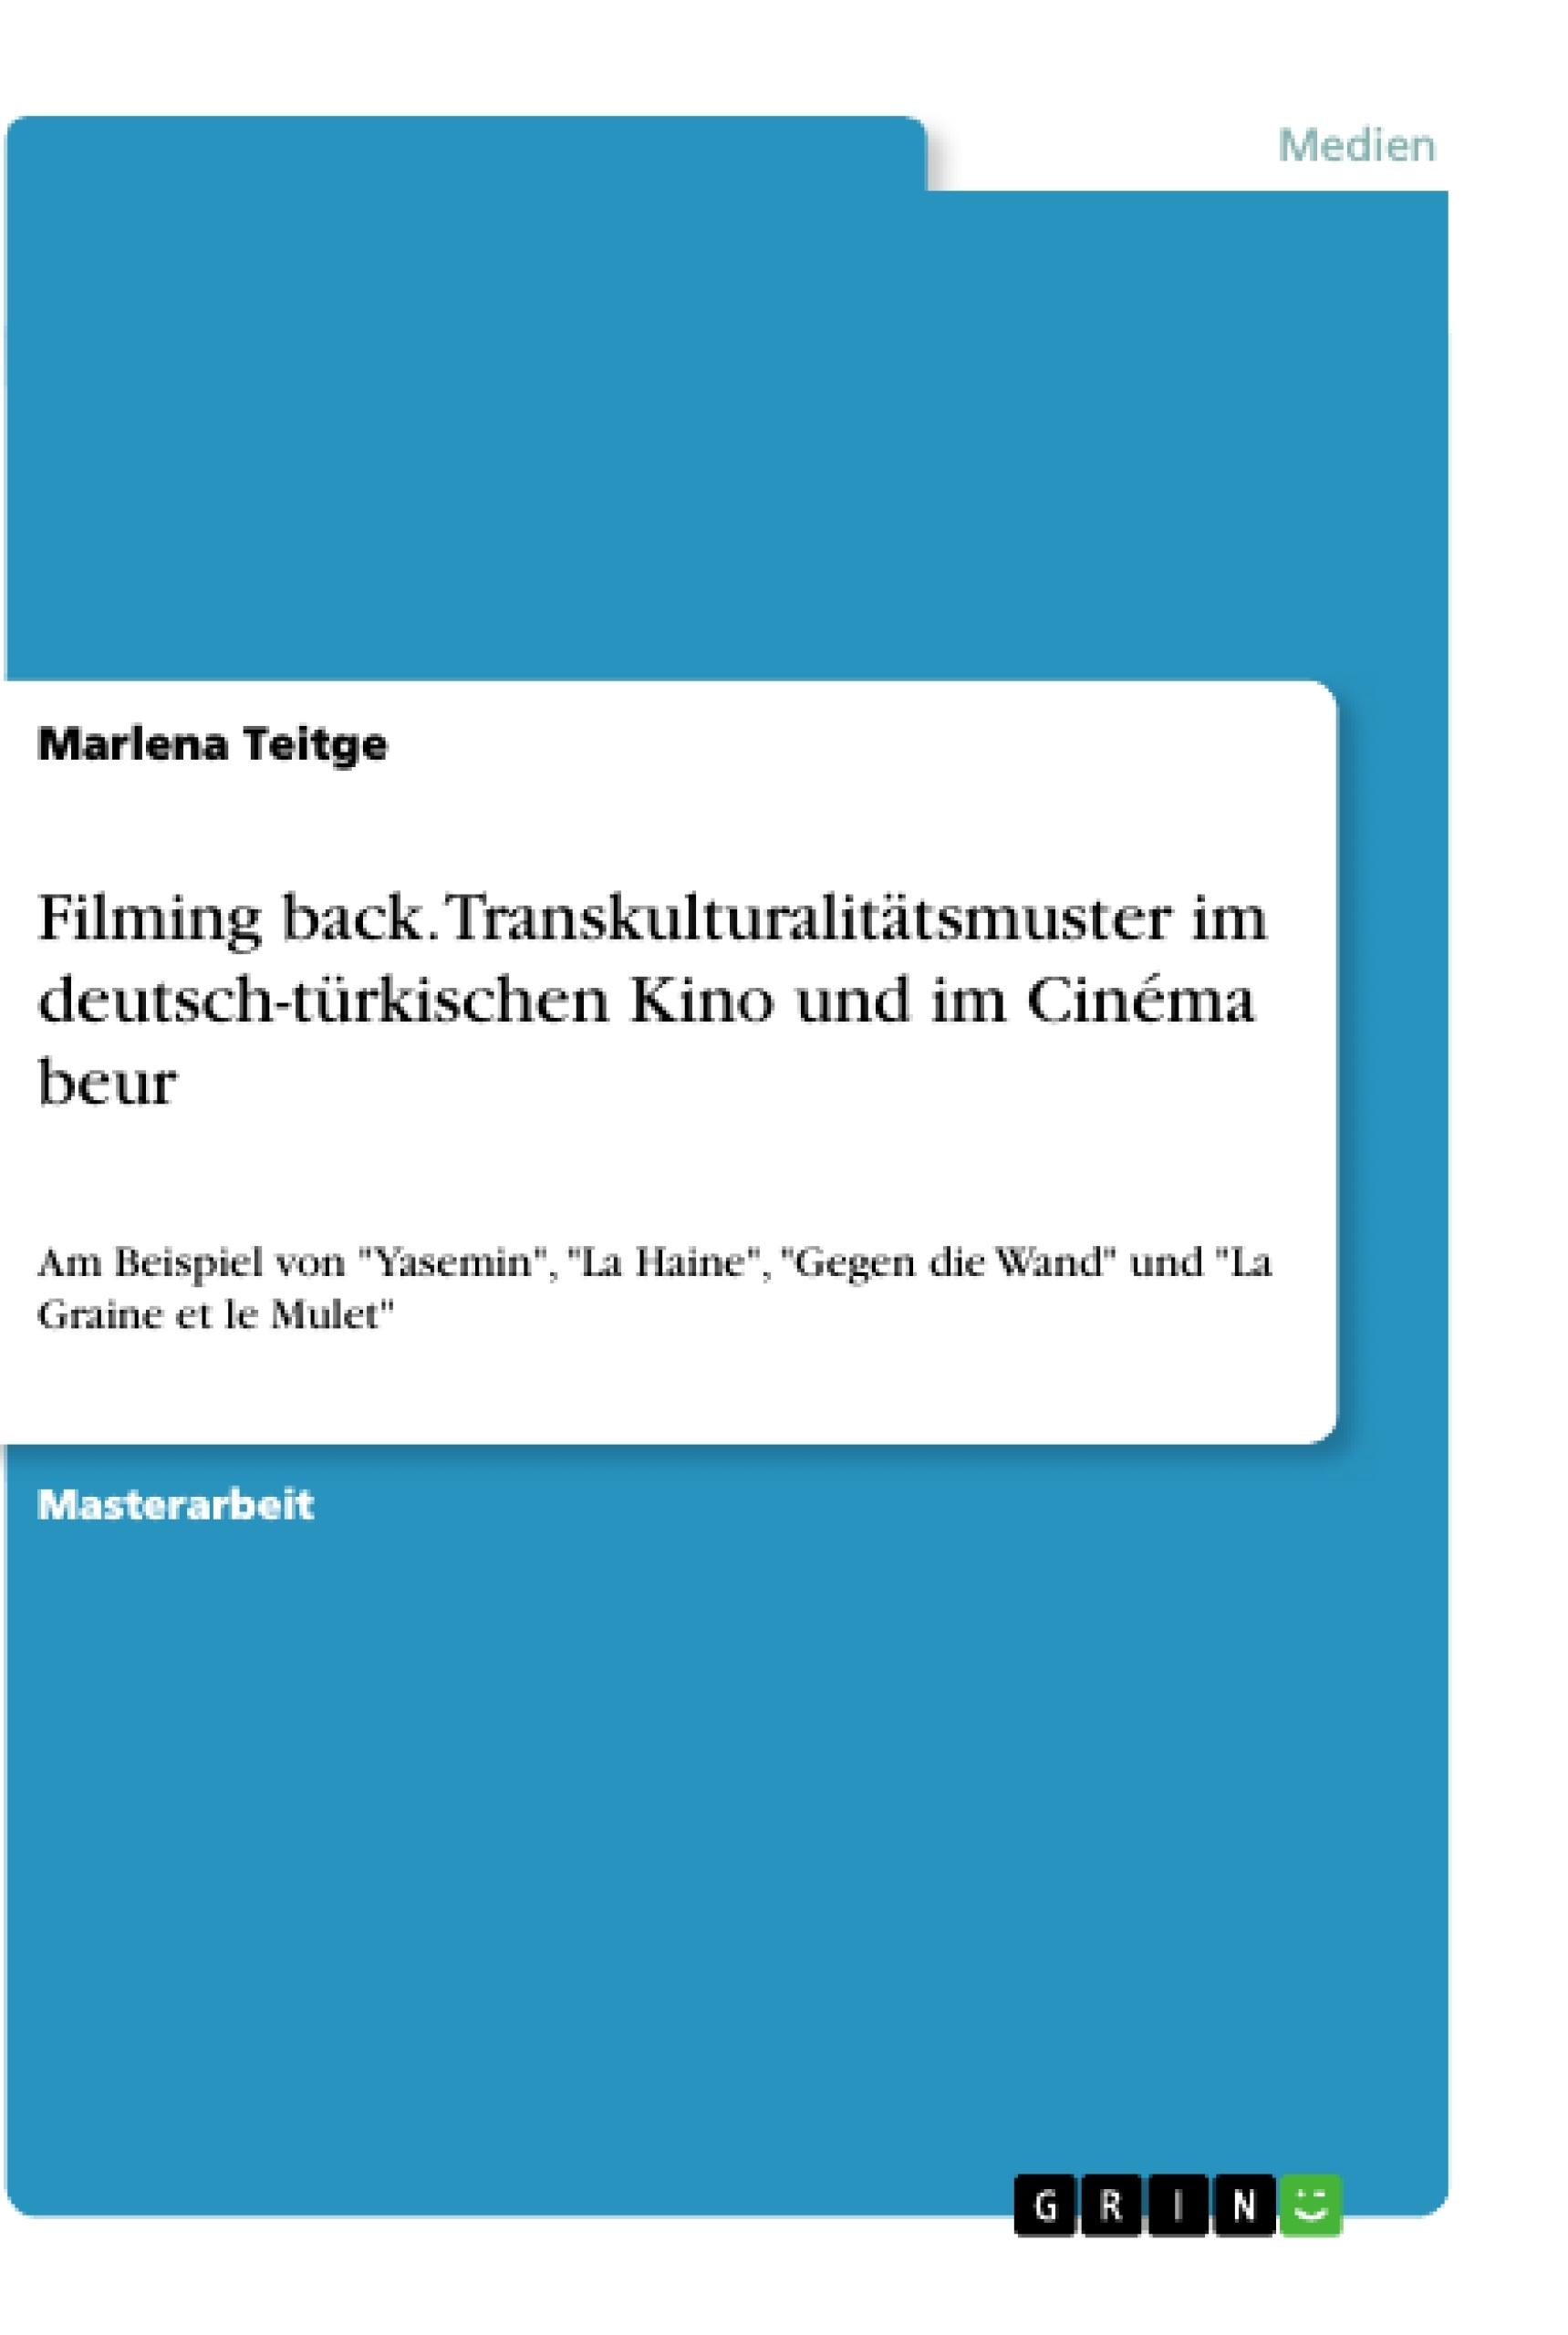 Titel: Filming back. Transkulturalitätsmuster im deutsch-türkischen Kino und im Cinéma beur